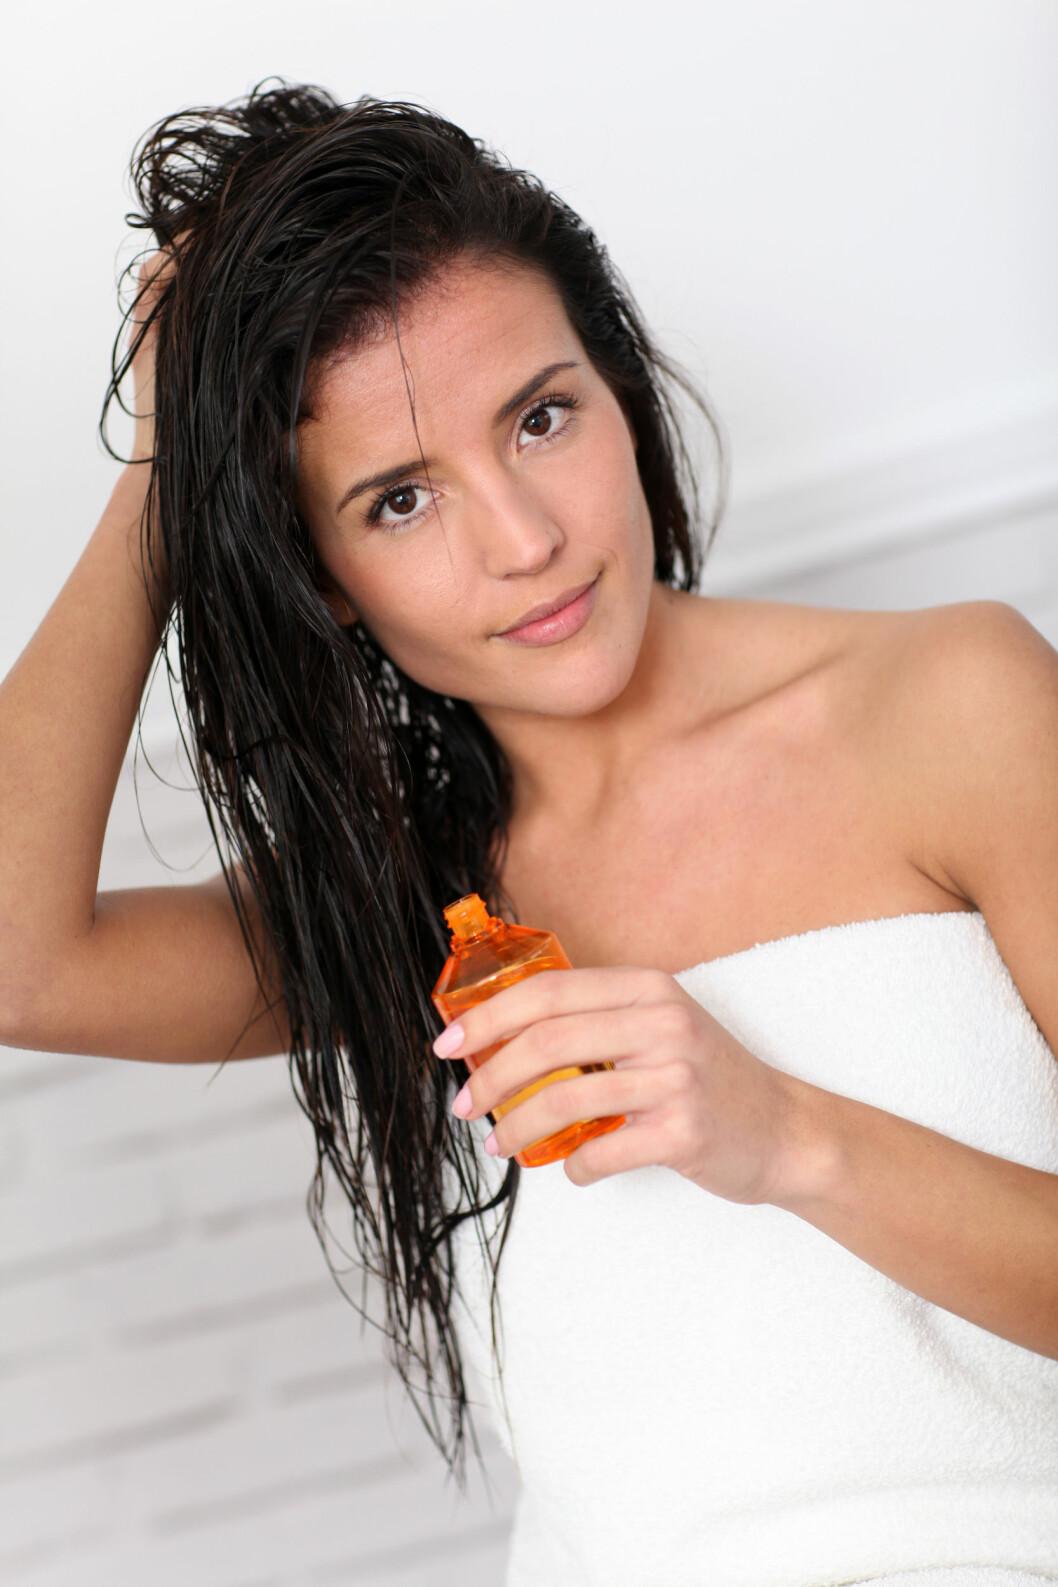 OLJE PLEIER: En god olje gir både hår og hodebunn fukt og pleie. Bare sørg for å vaske den godt ut fra hodebunnen, så slipper du fett, flatt hår.  Foto: goodluz - Fotolia